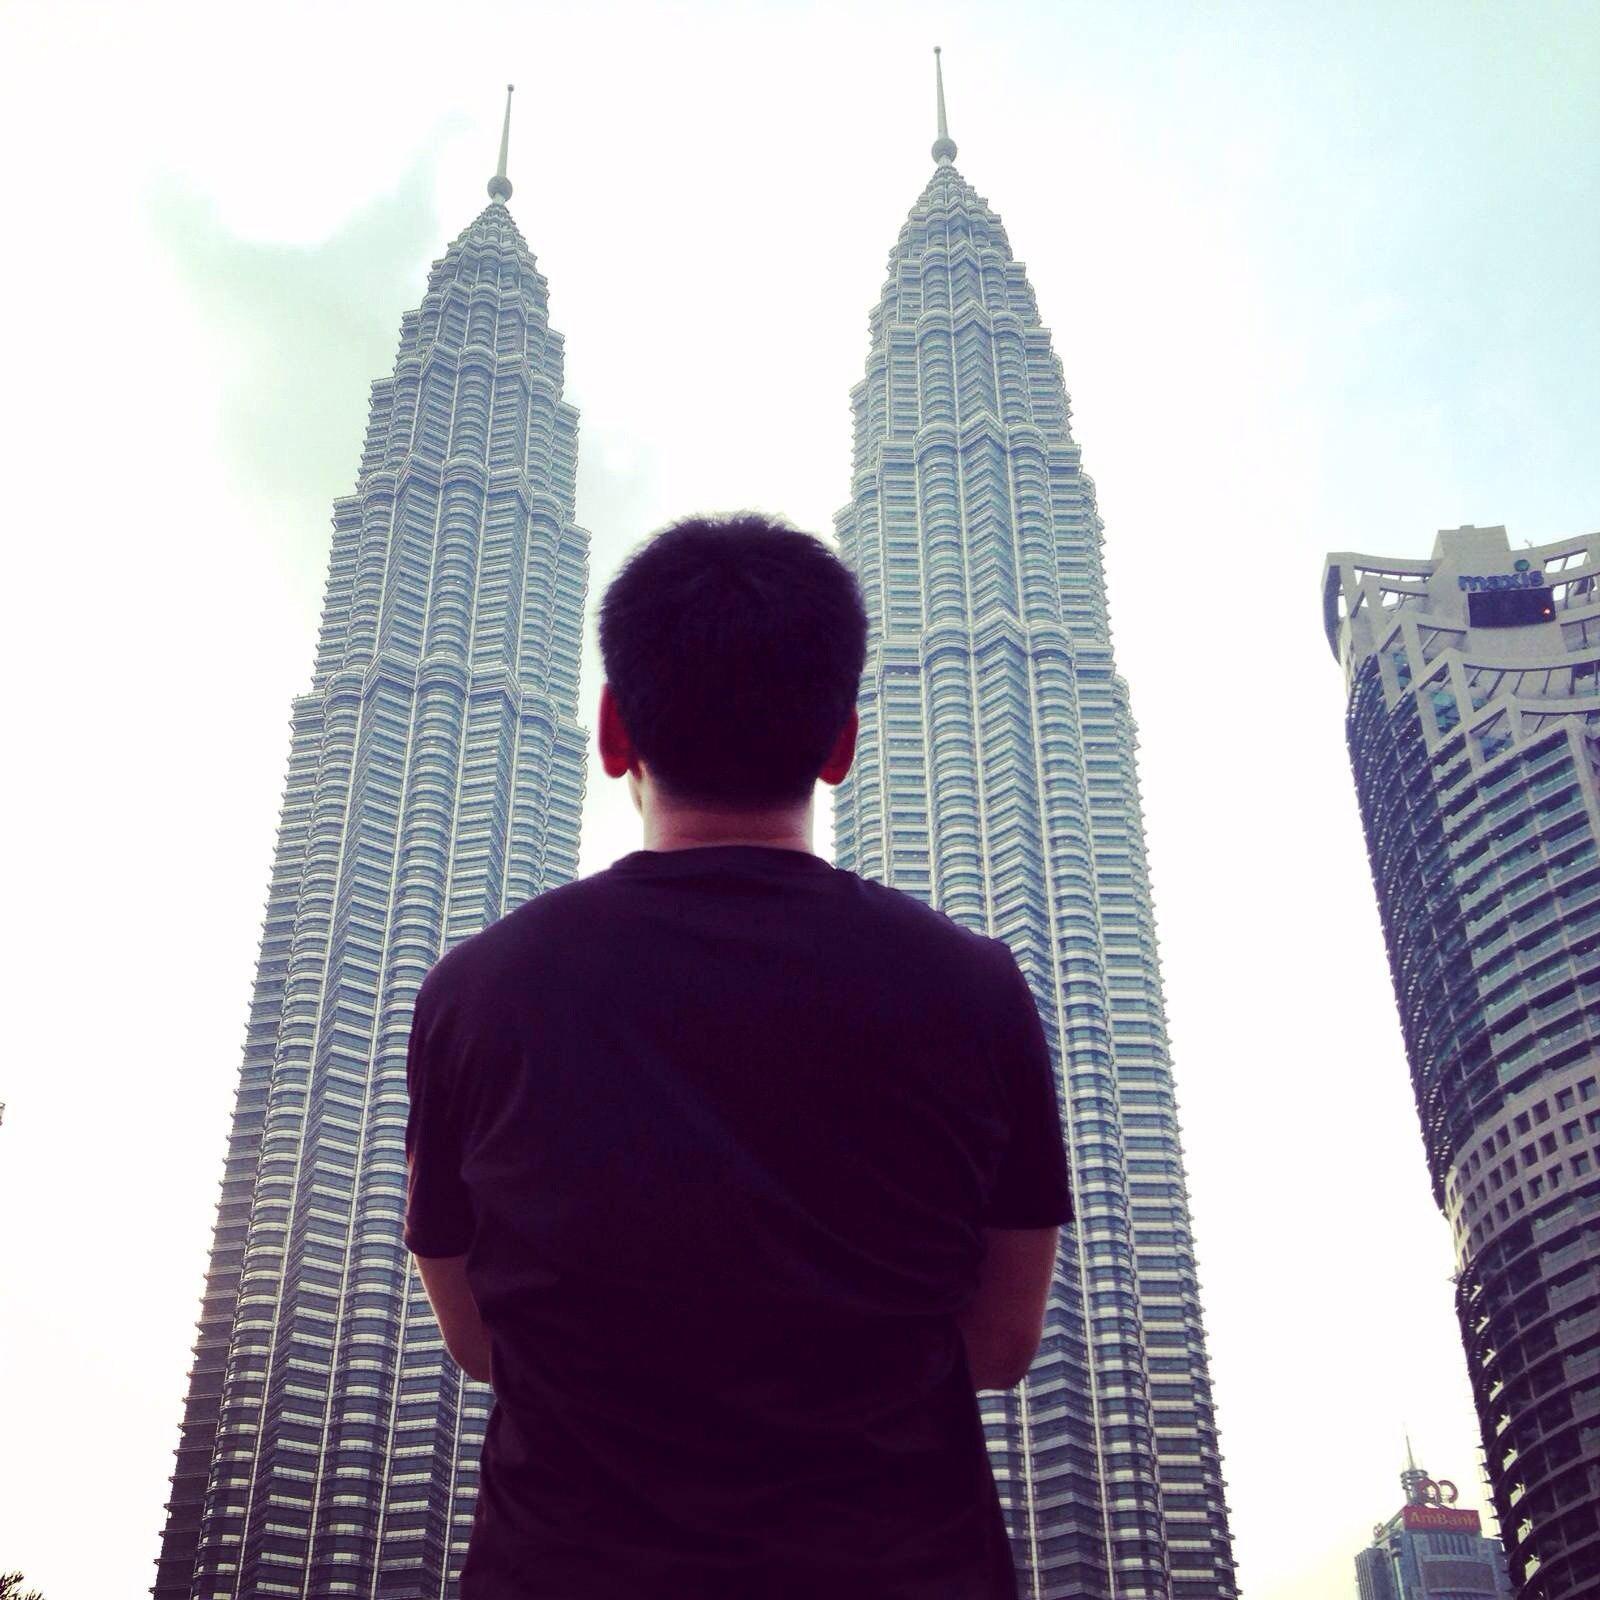 吉隆坡双子塔 等了两个小时只为灯亮起的那一刻